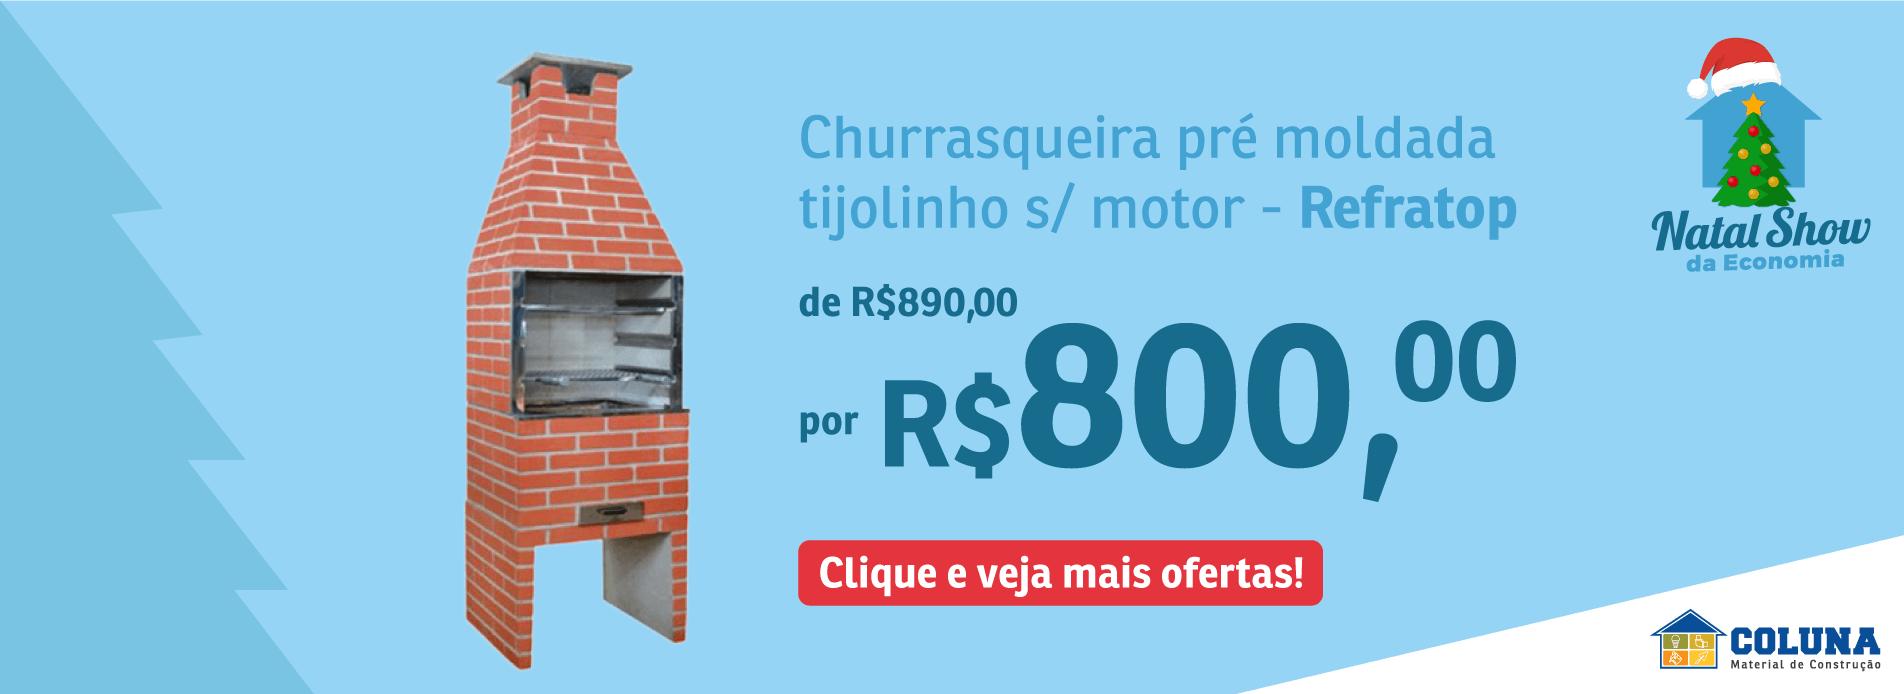 coluna-material-natal-show-2018-churrasqueira